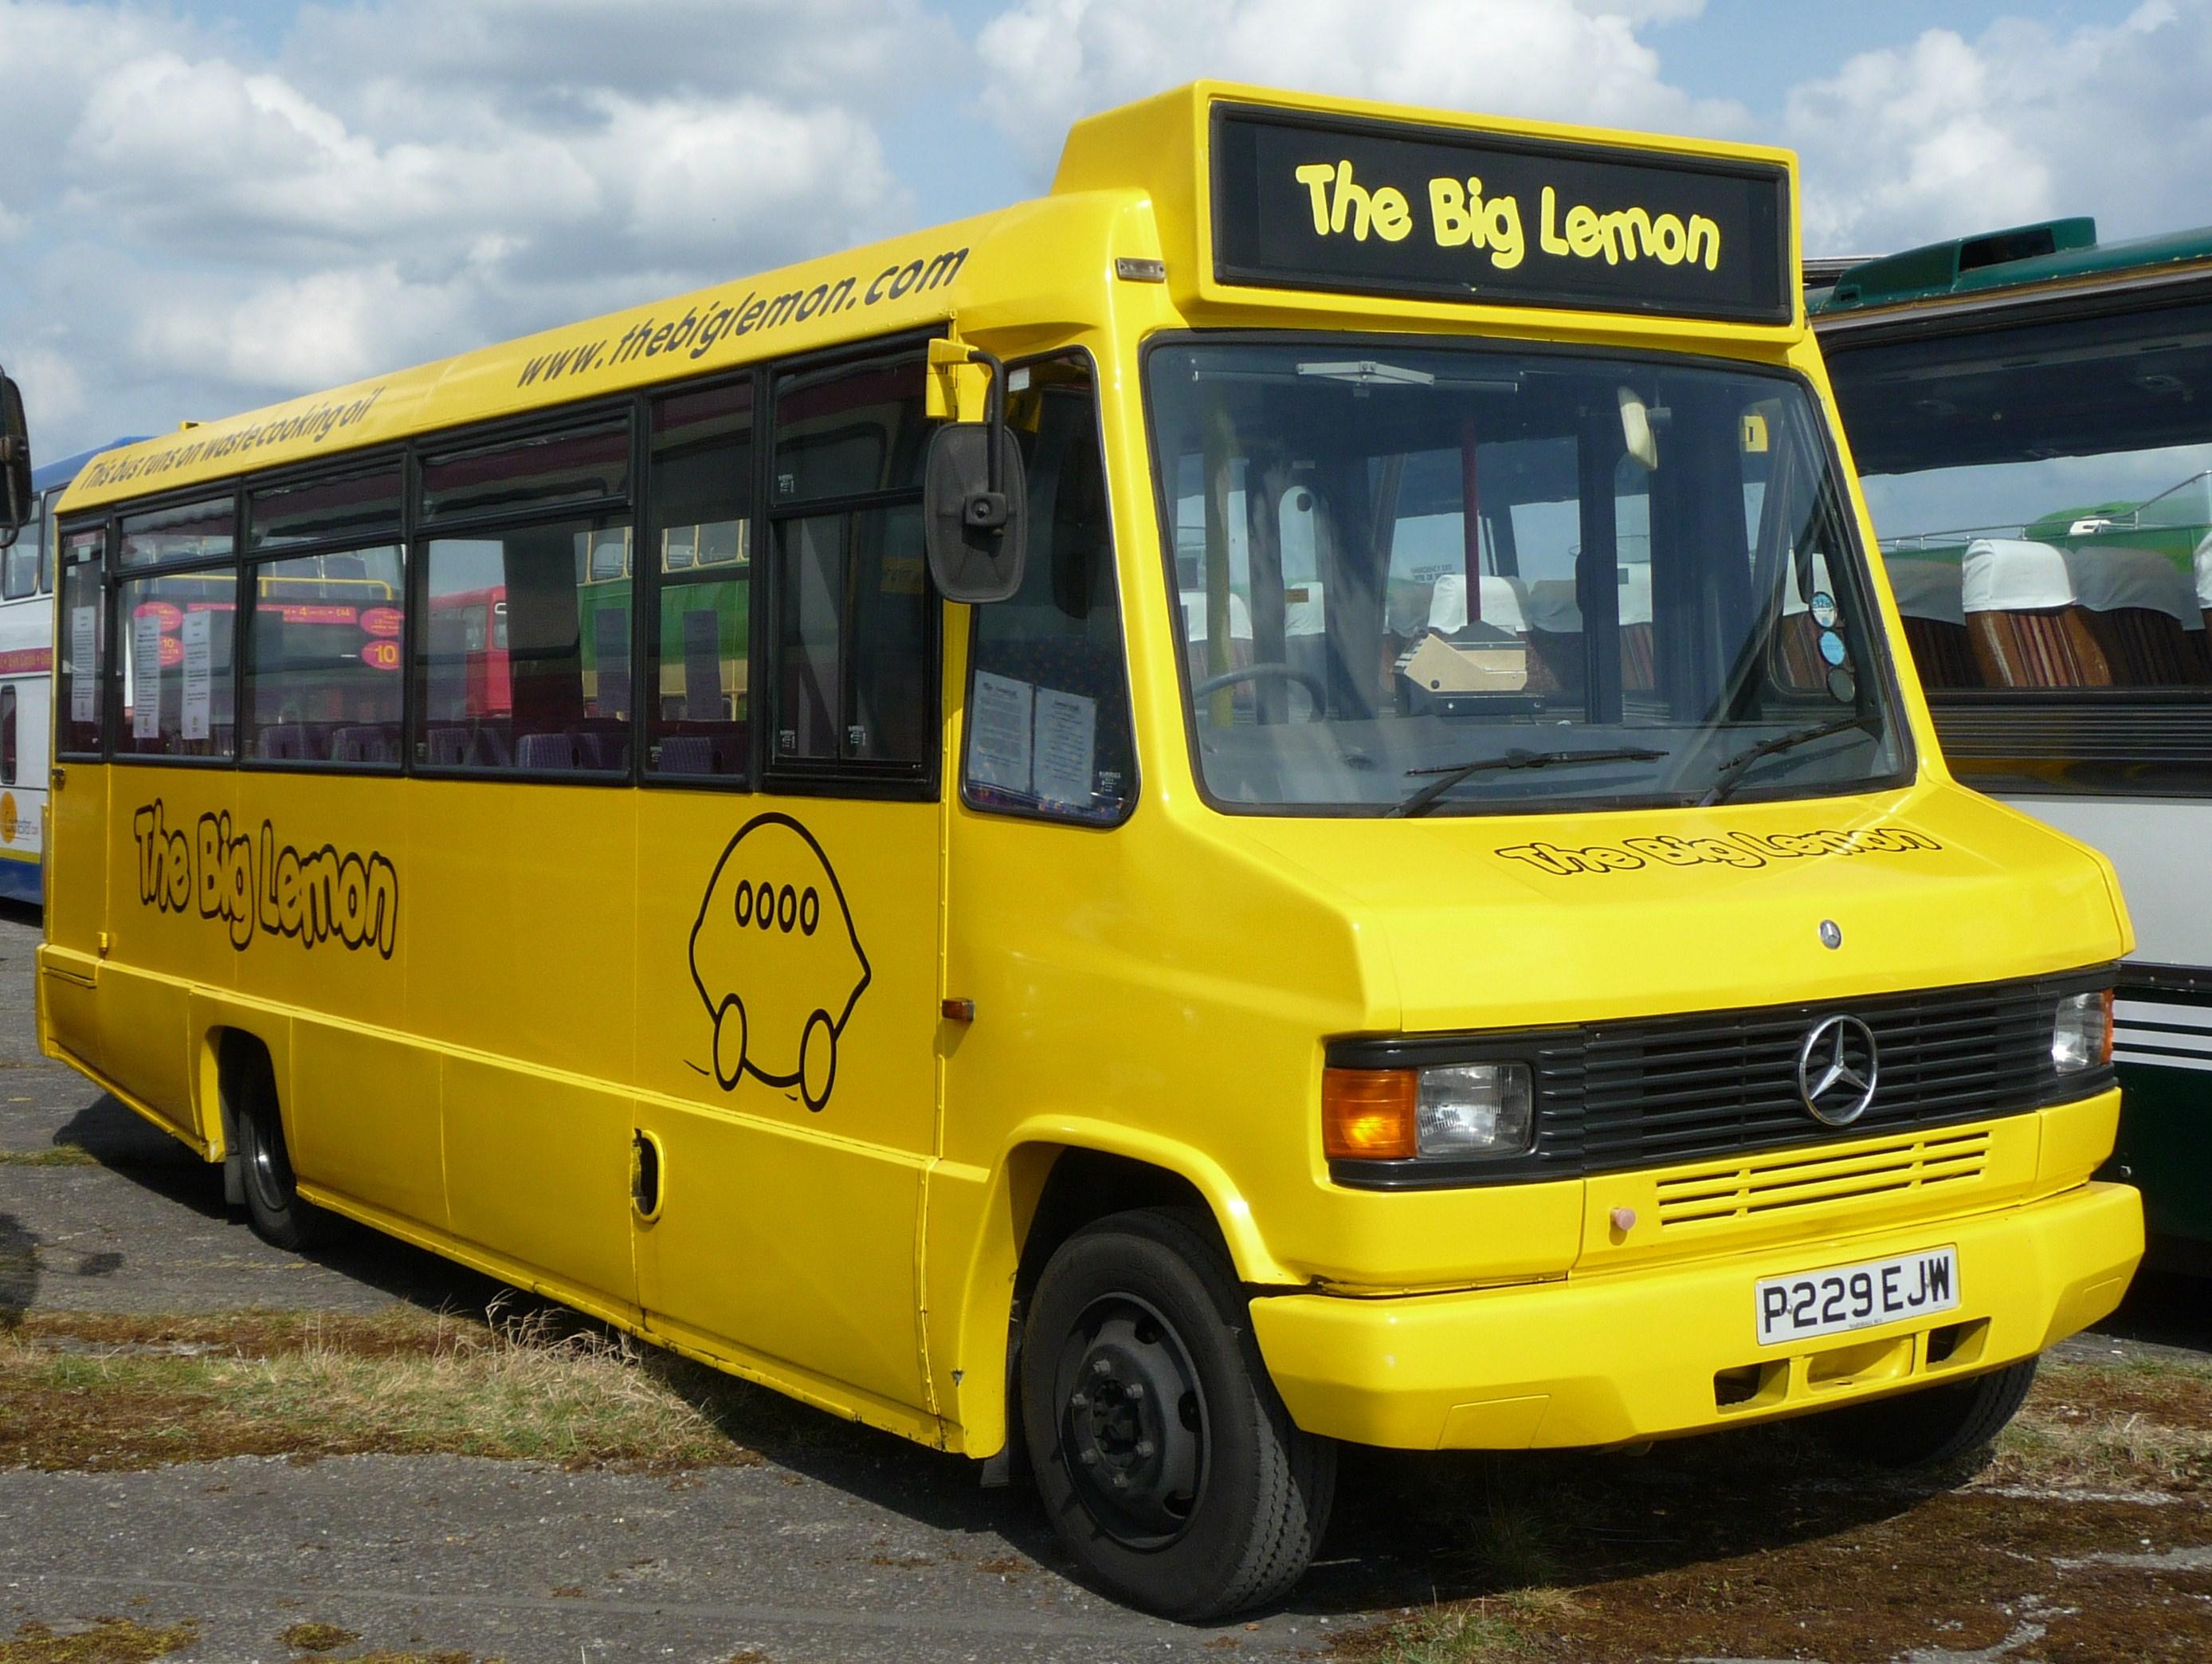 *檸檬有益皮膚健康,黃檸檬巴士更有益地球健康!:The Big Lemon! 4